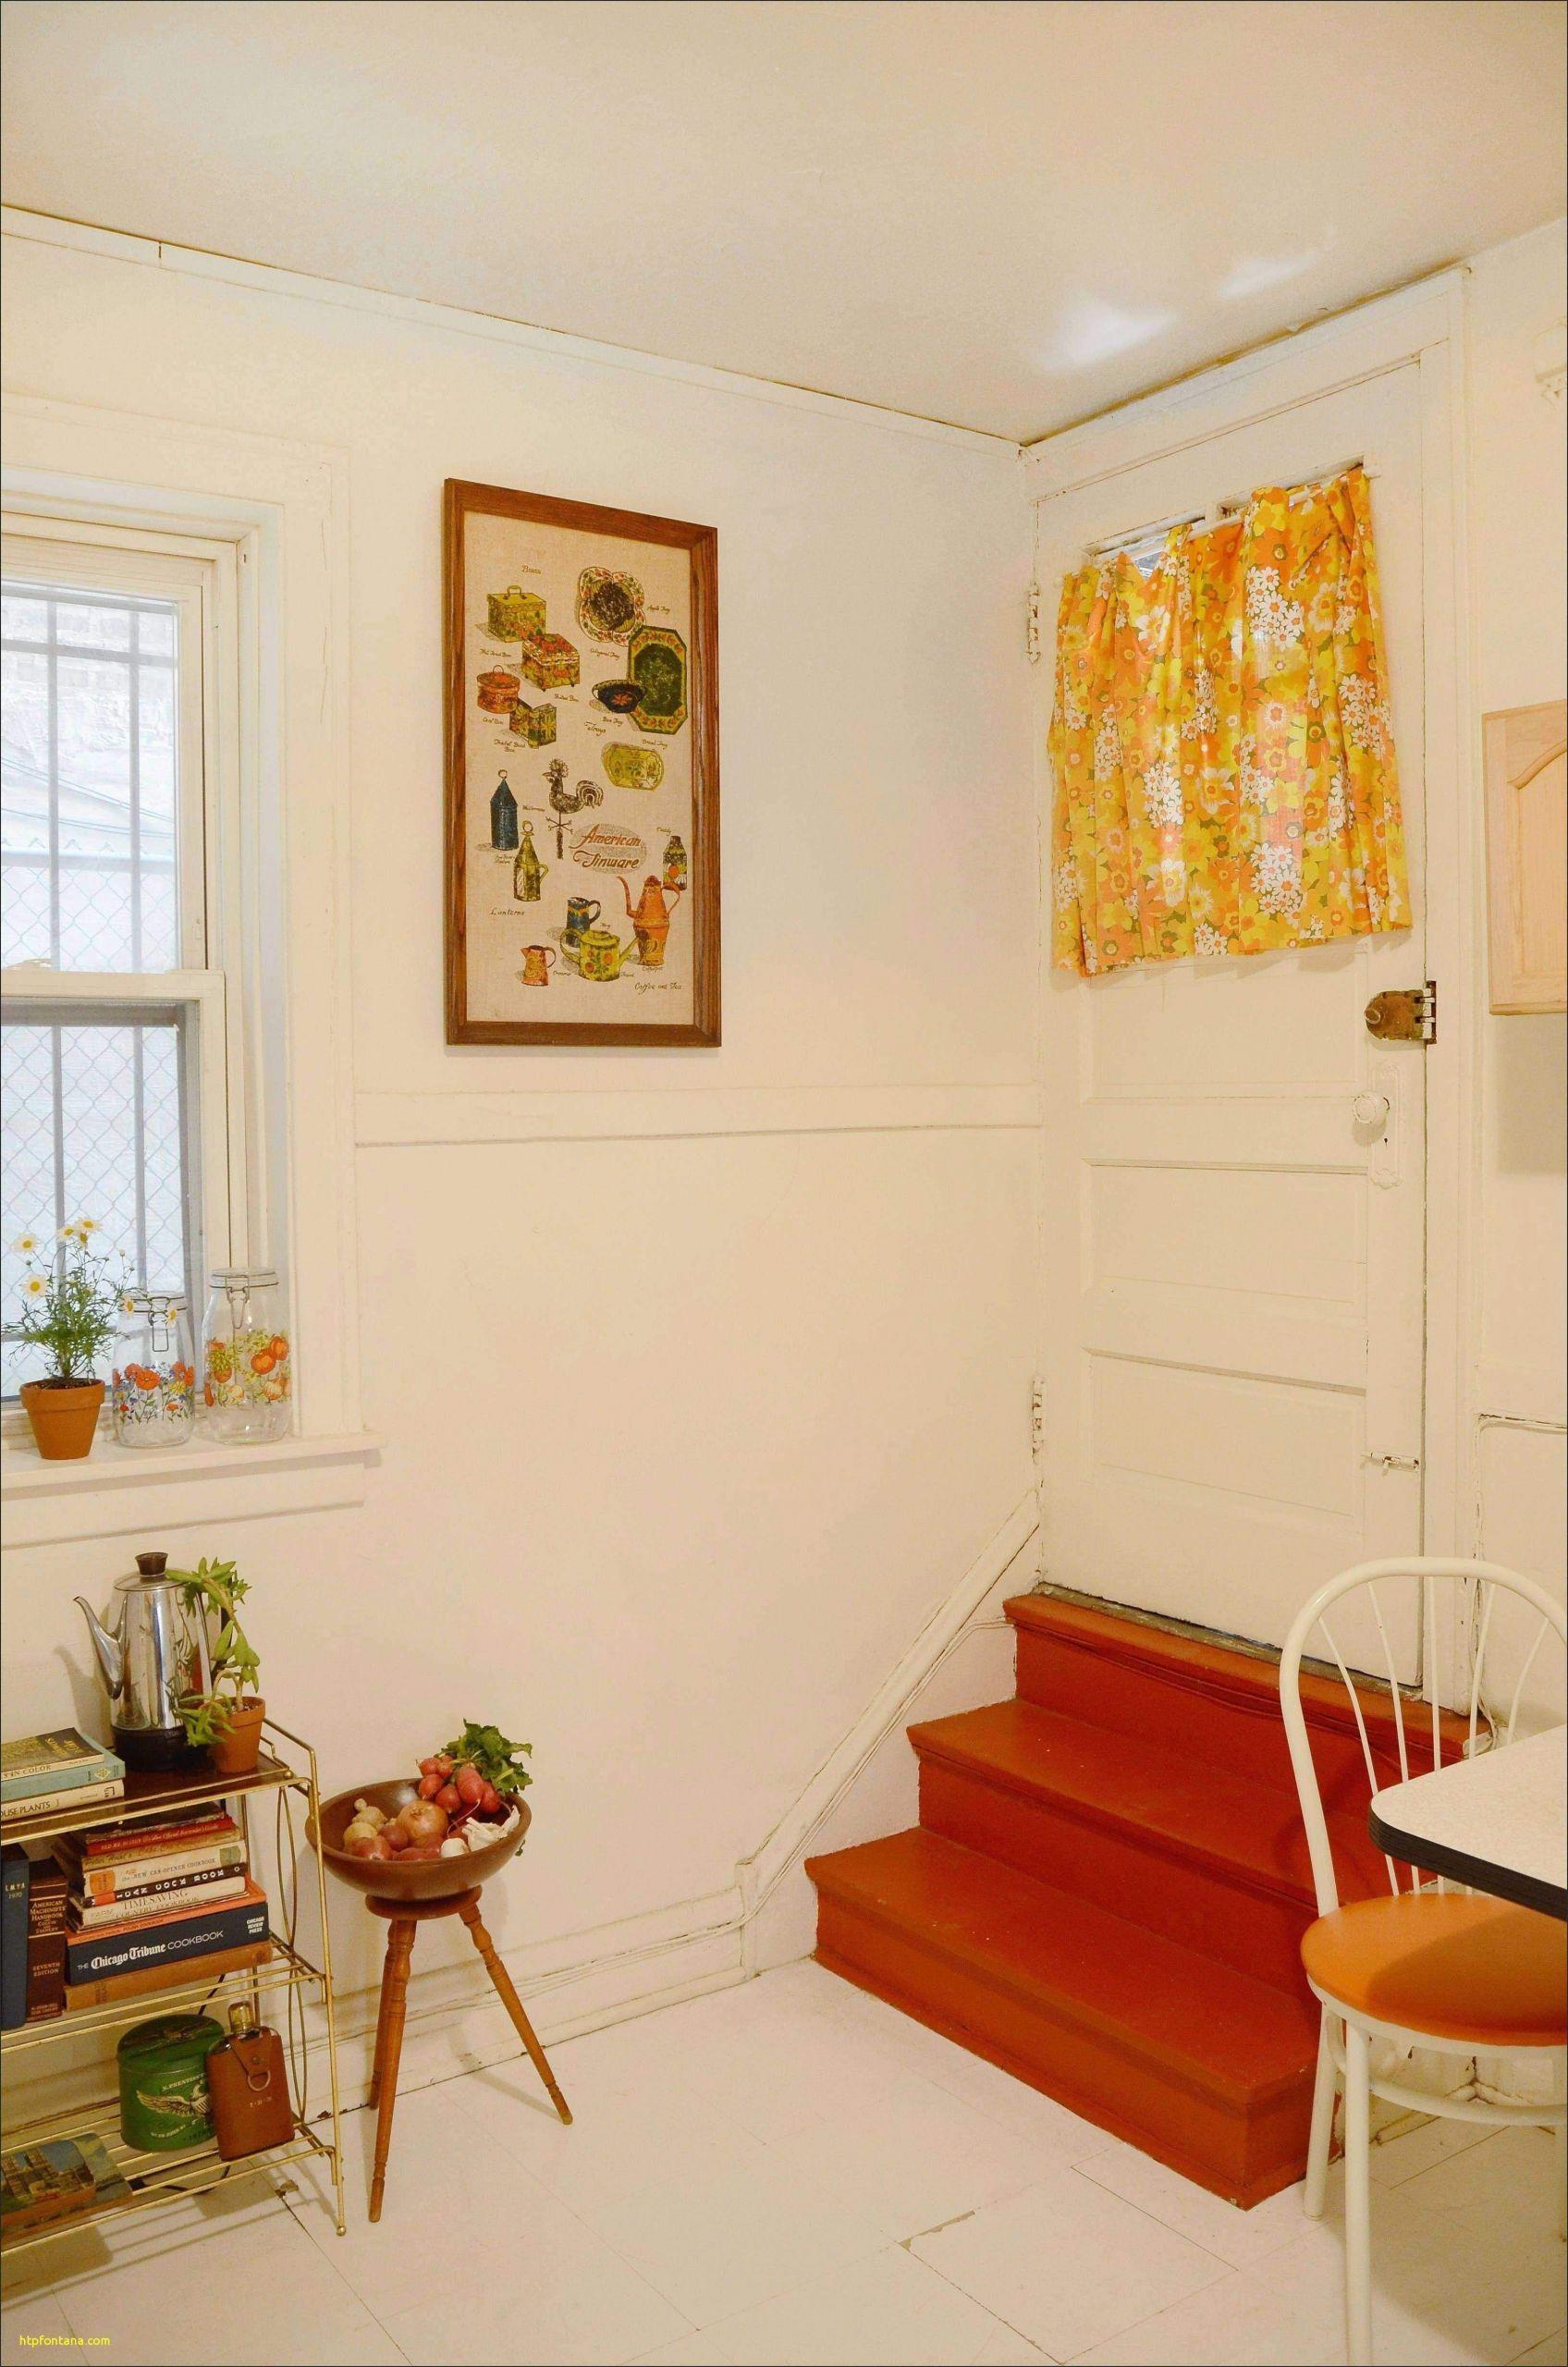 wohnzimmer kaufen frisch 40 oben von von gunstig sofa kaufen planen of wohnzimmer kaufen scaled